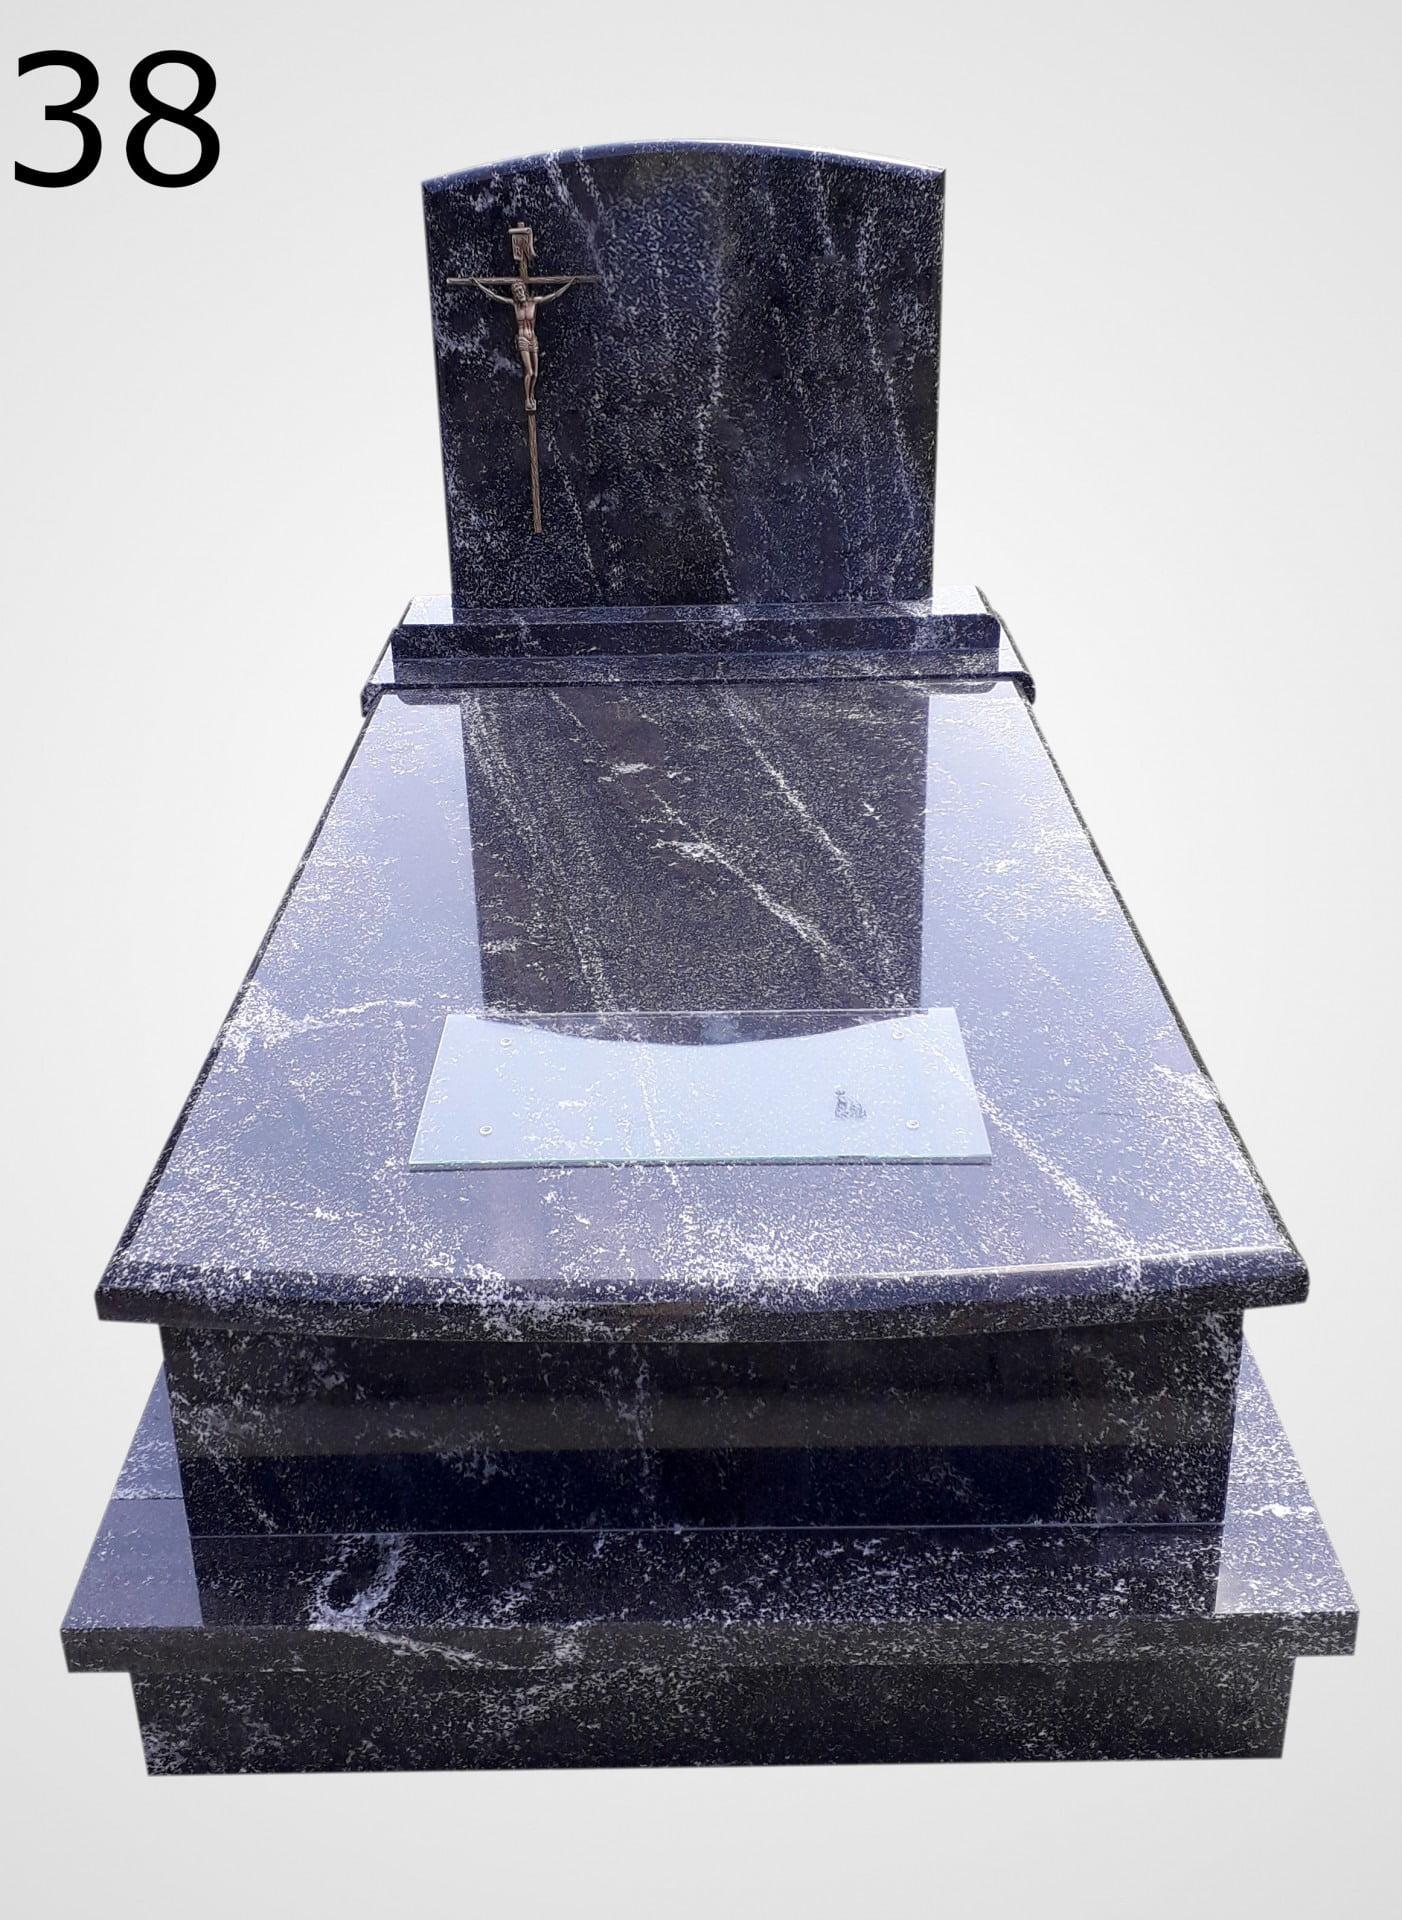 Czarny nagrobek z krzyżem - Nagrobki Bielsko-Biała